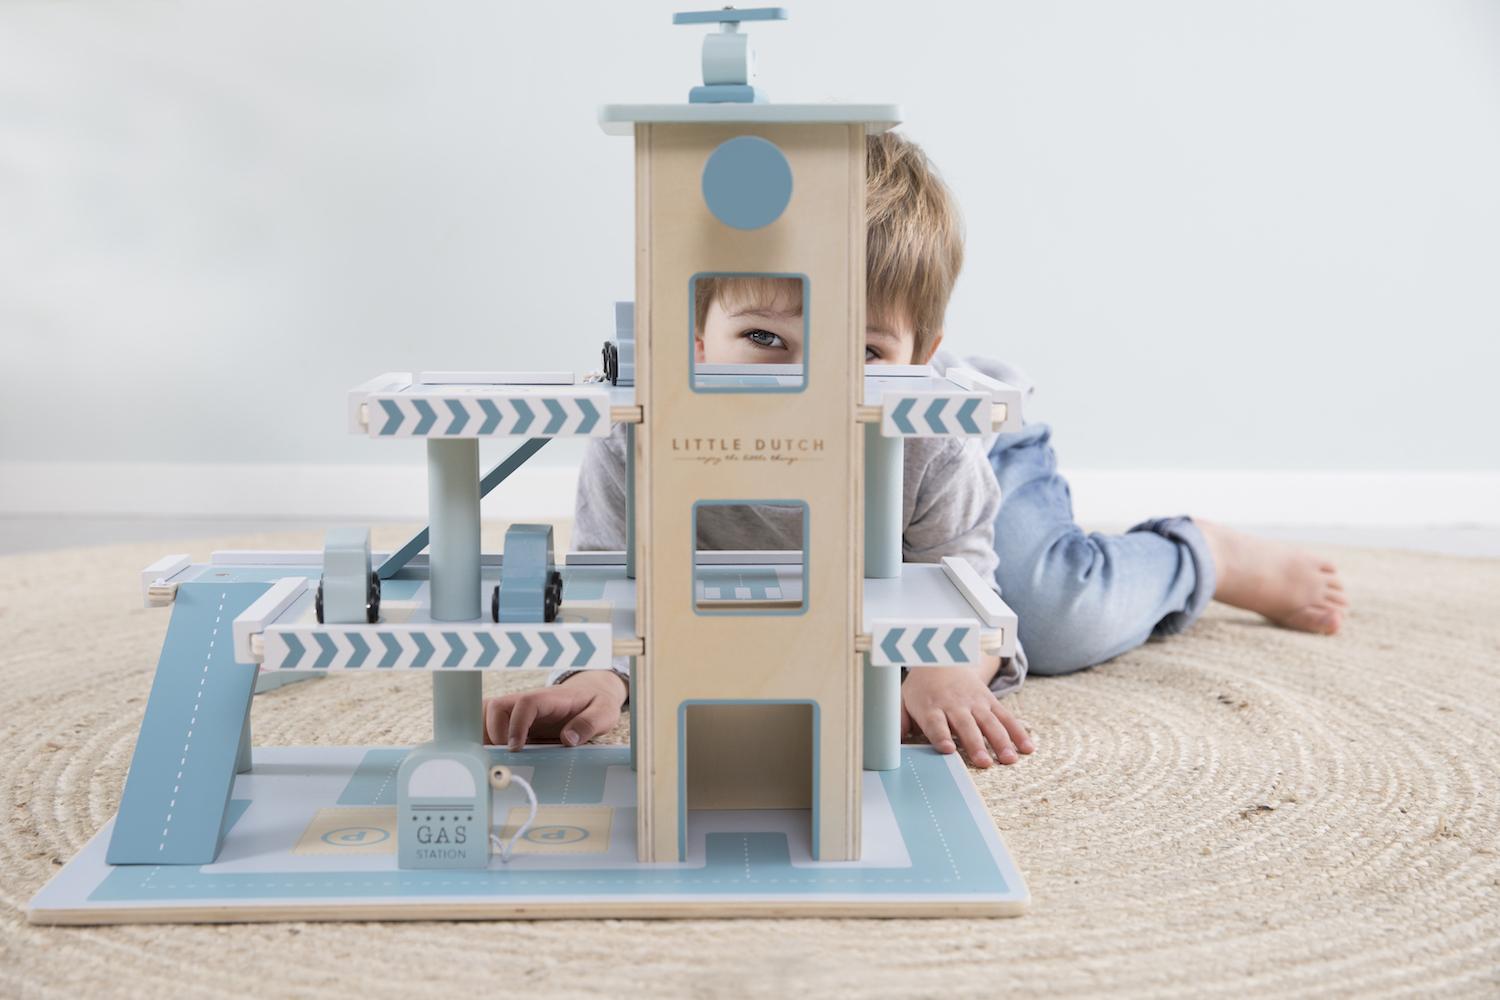 Dřevěné hračky Little Dutch. Jsou opravdu tak skvělé?